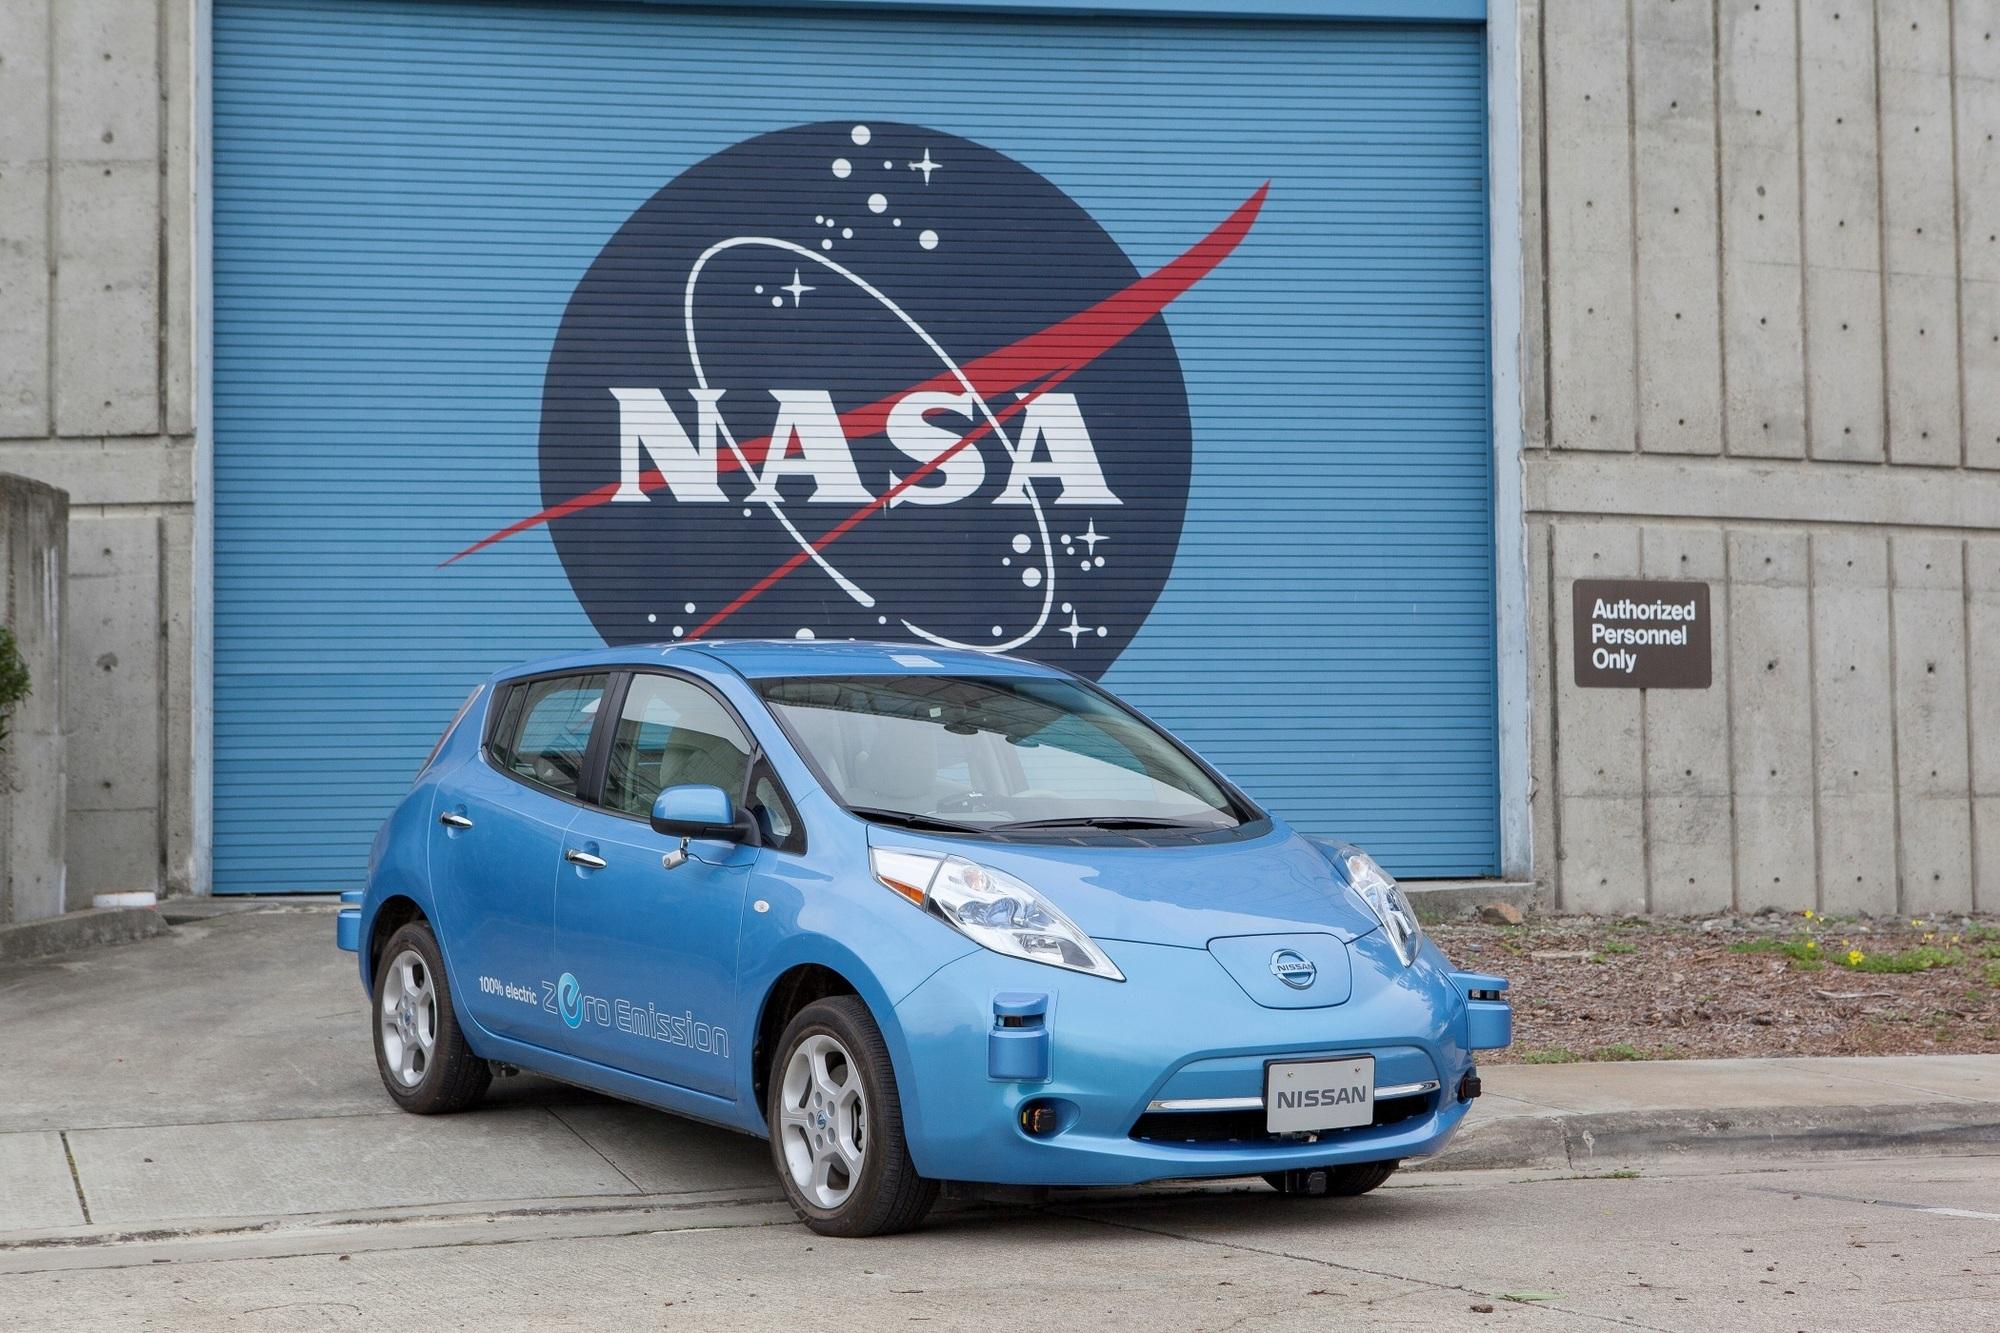 Nissan kooperiert mit NASA - Roboterautos für den Mars und die Erde